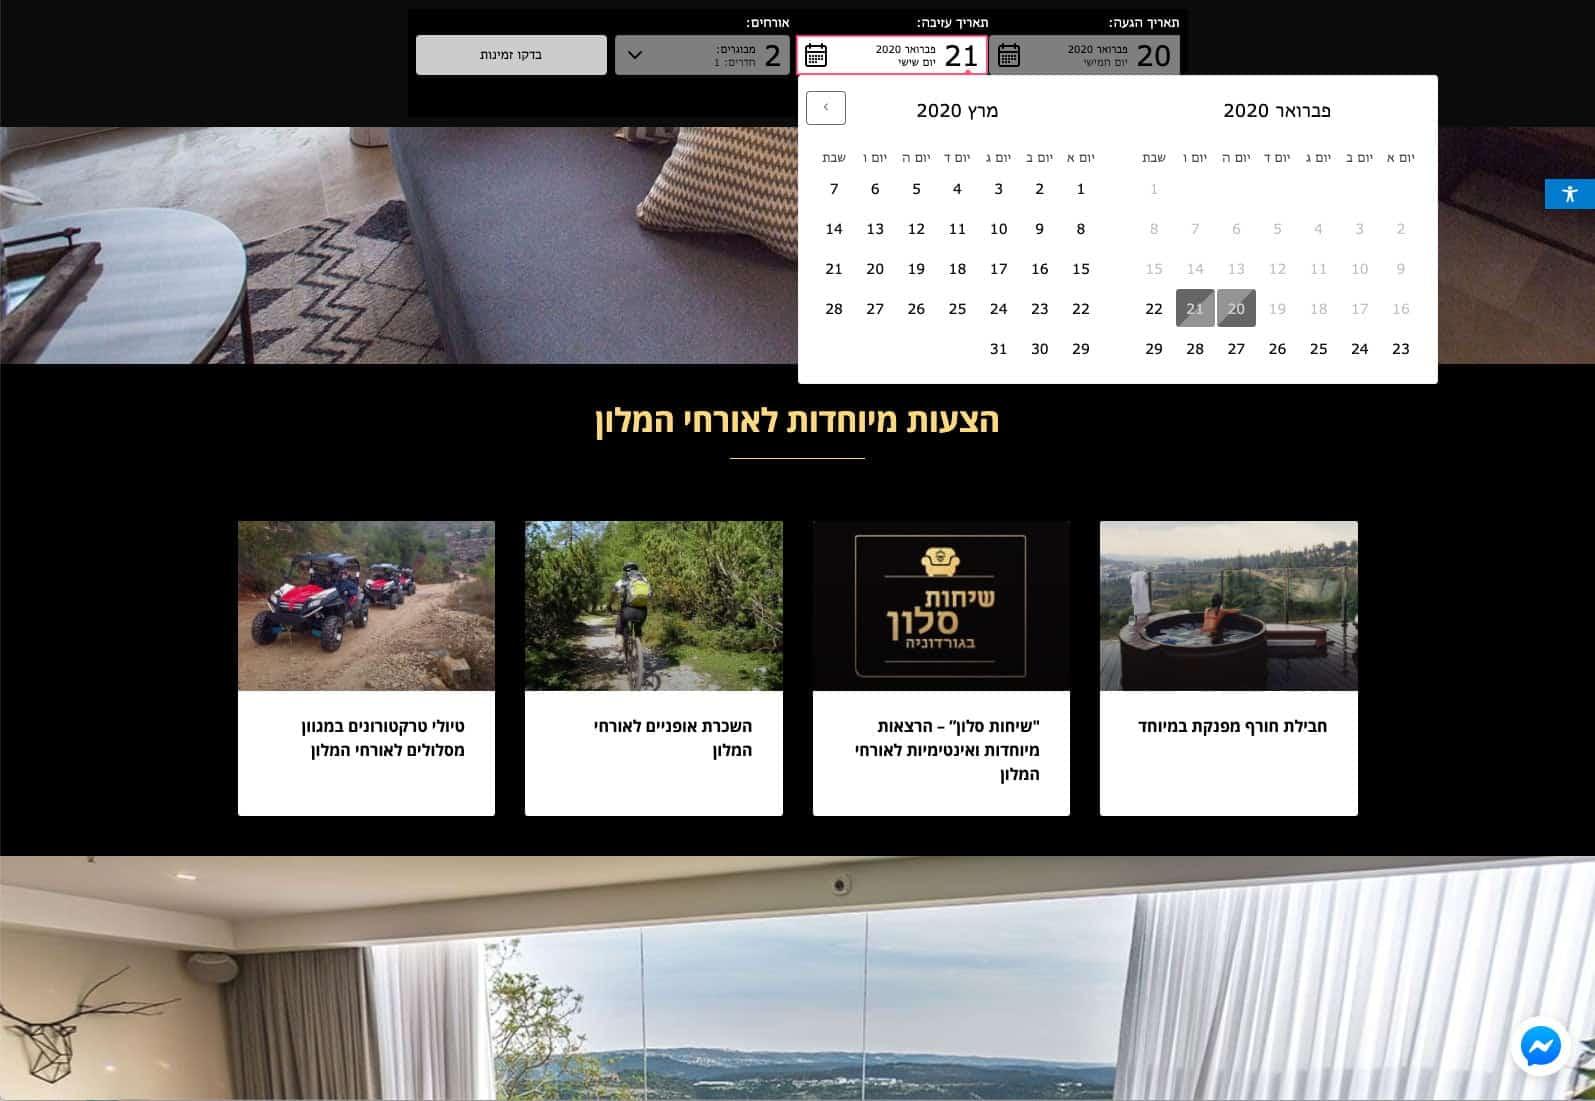 בניית אתרים לבתי מלון - מלון גורדוניה